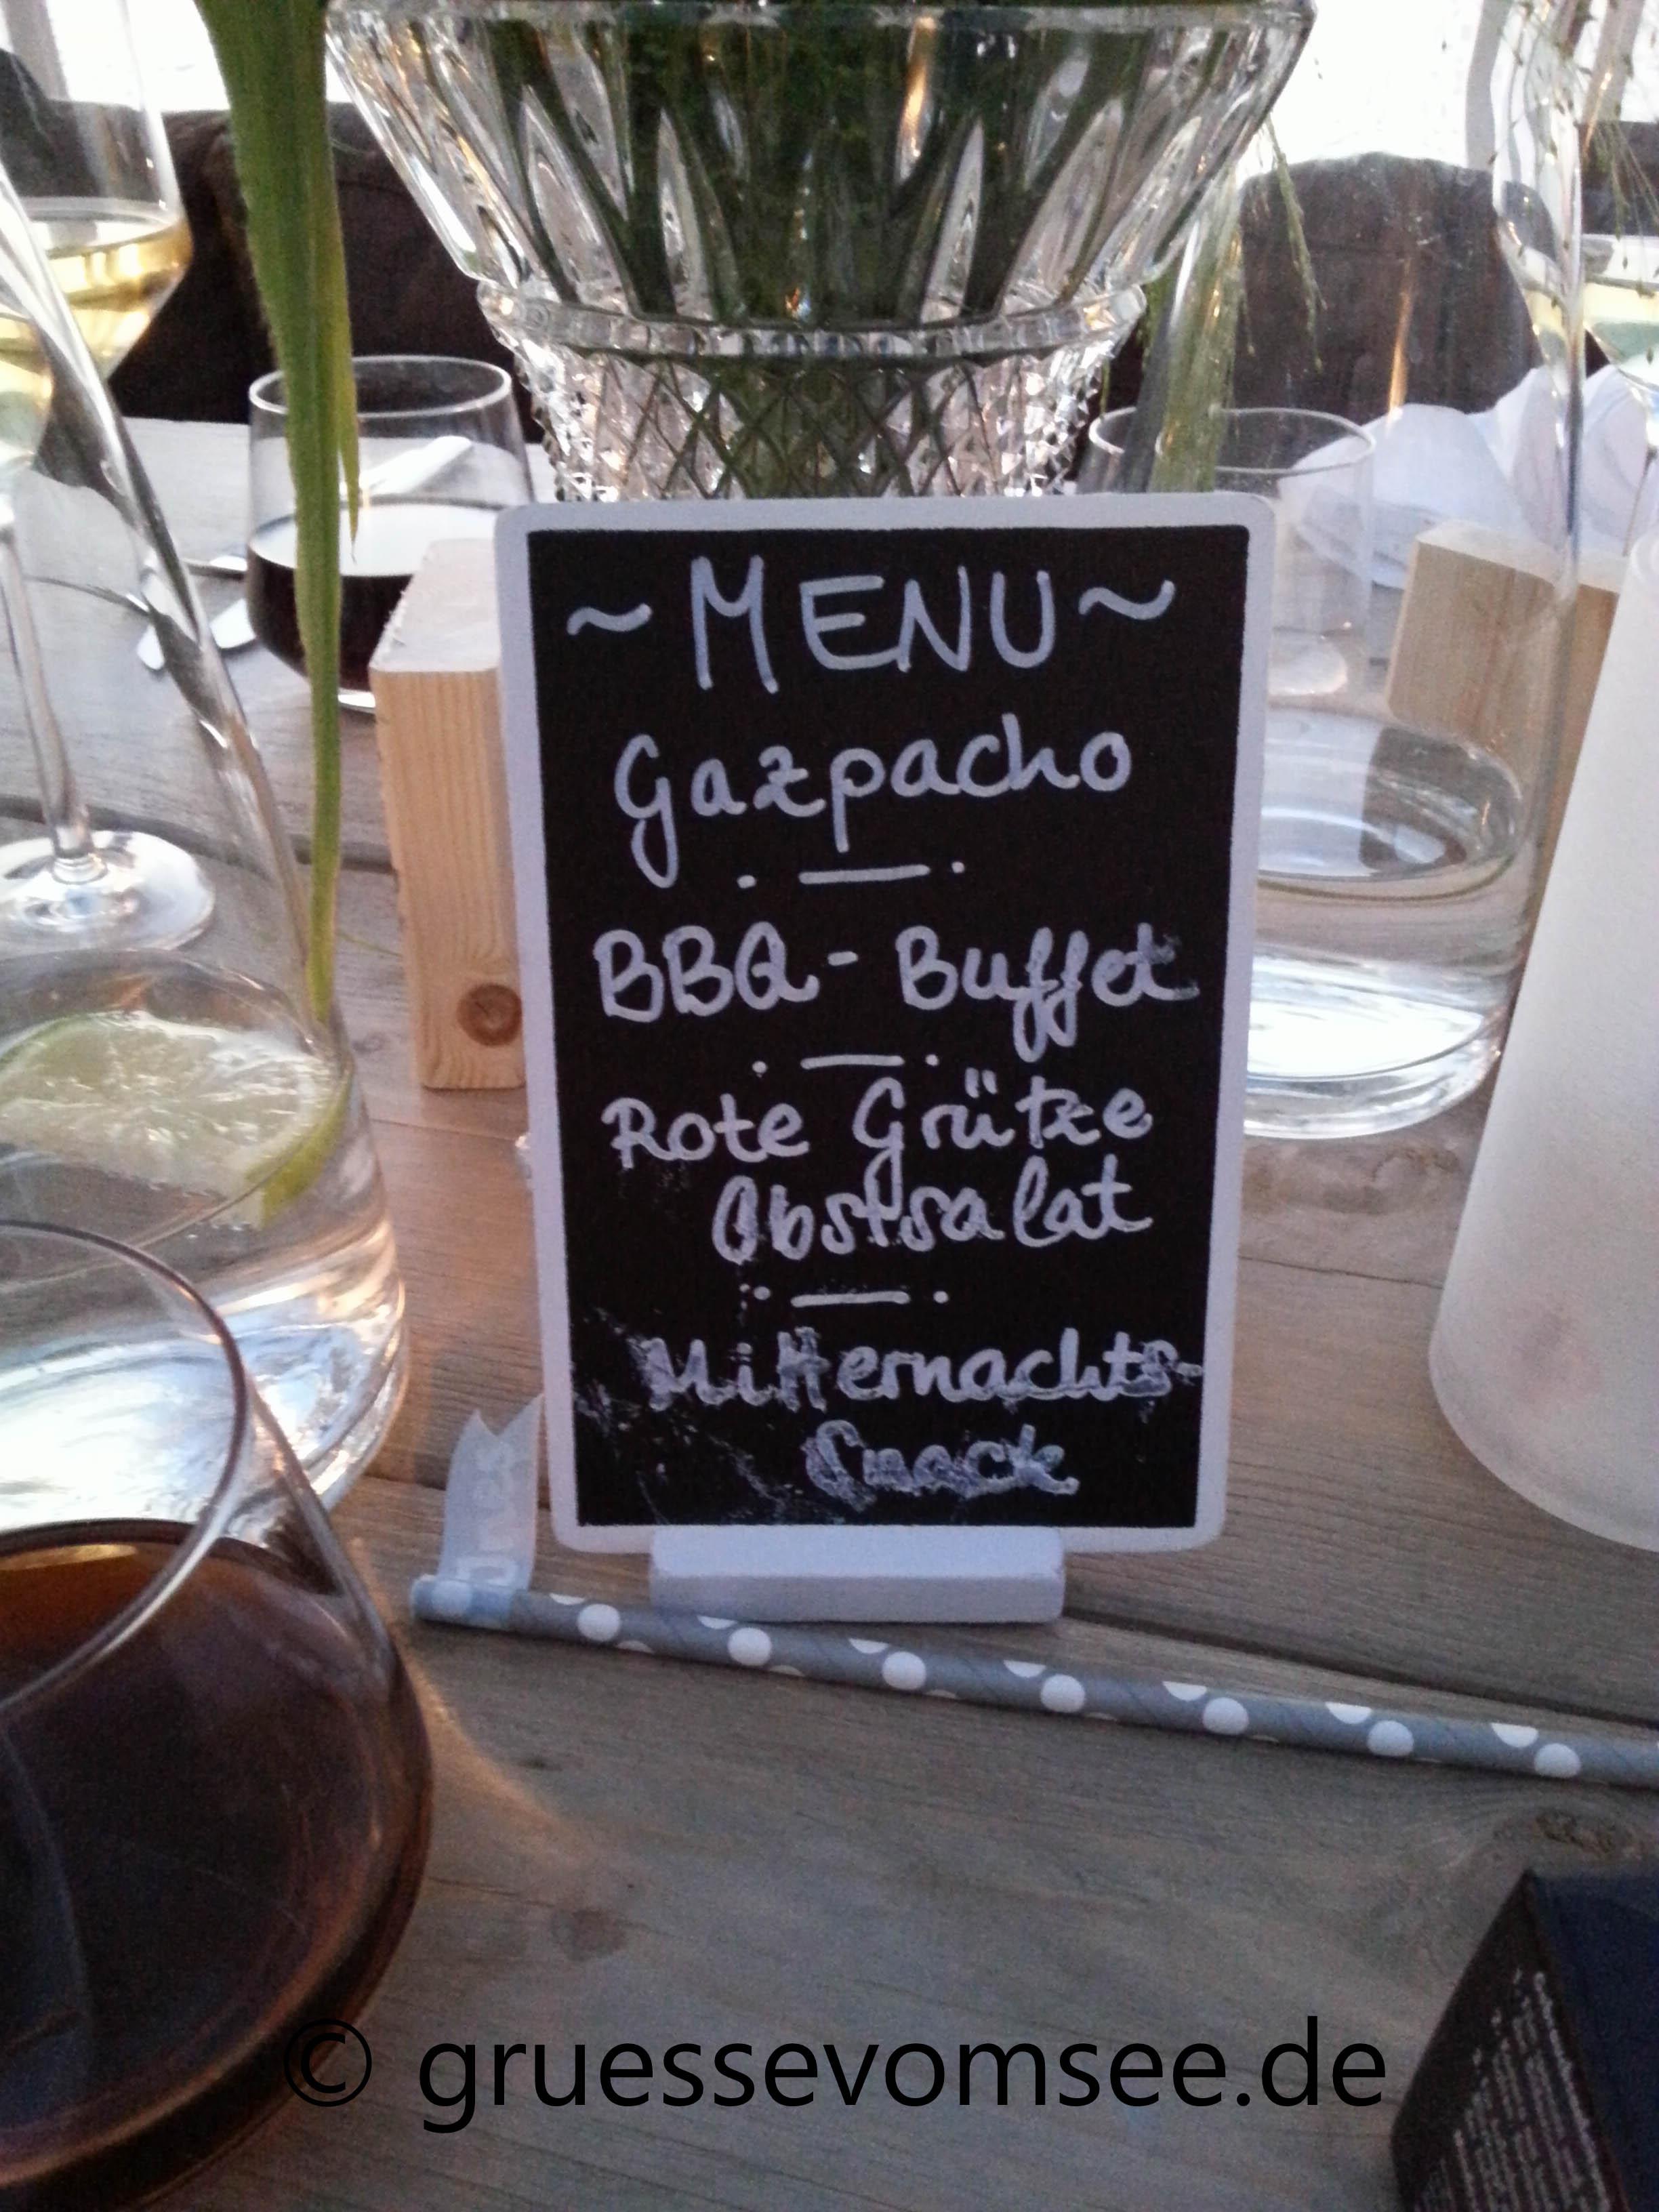 Hamburg_Hochzeit_Anna_Jan_Friendsalster_Gruessevomsee